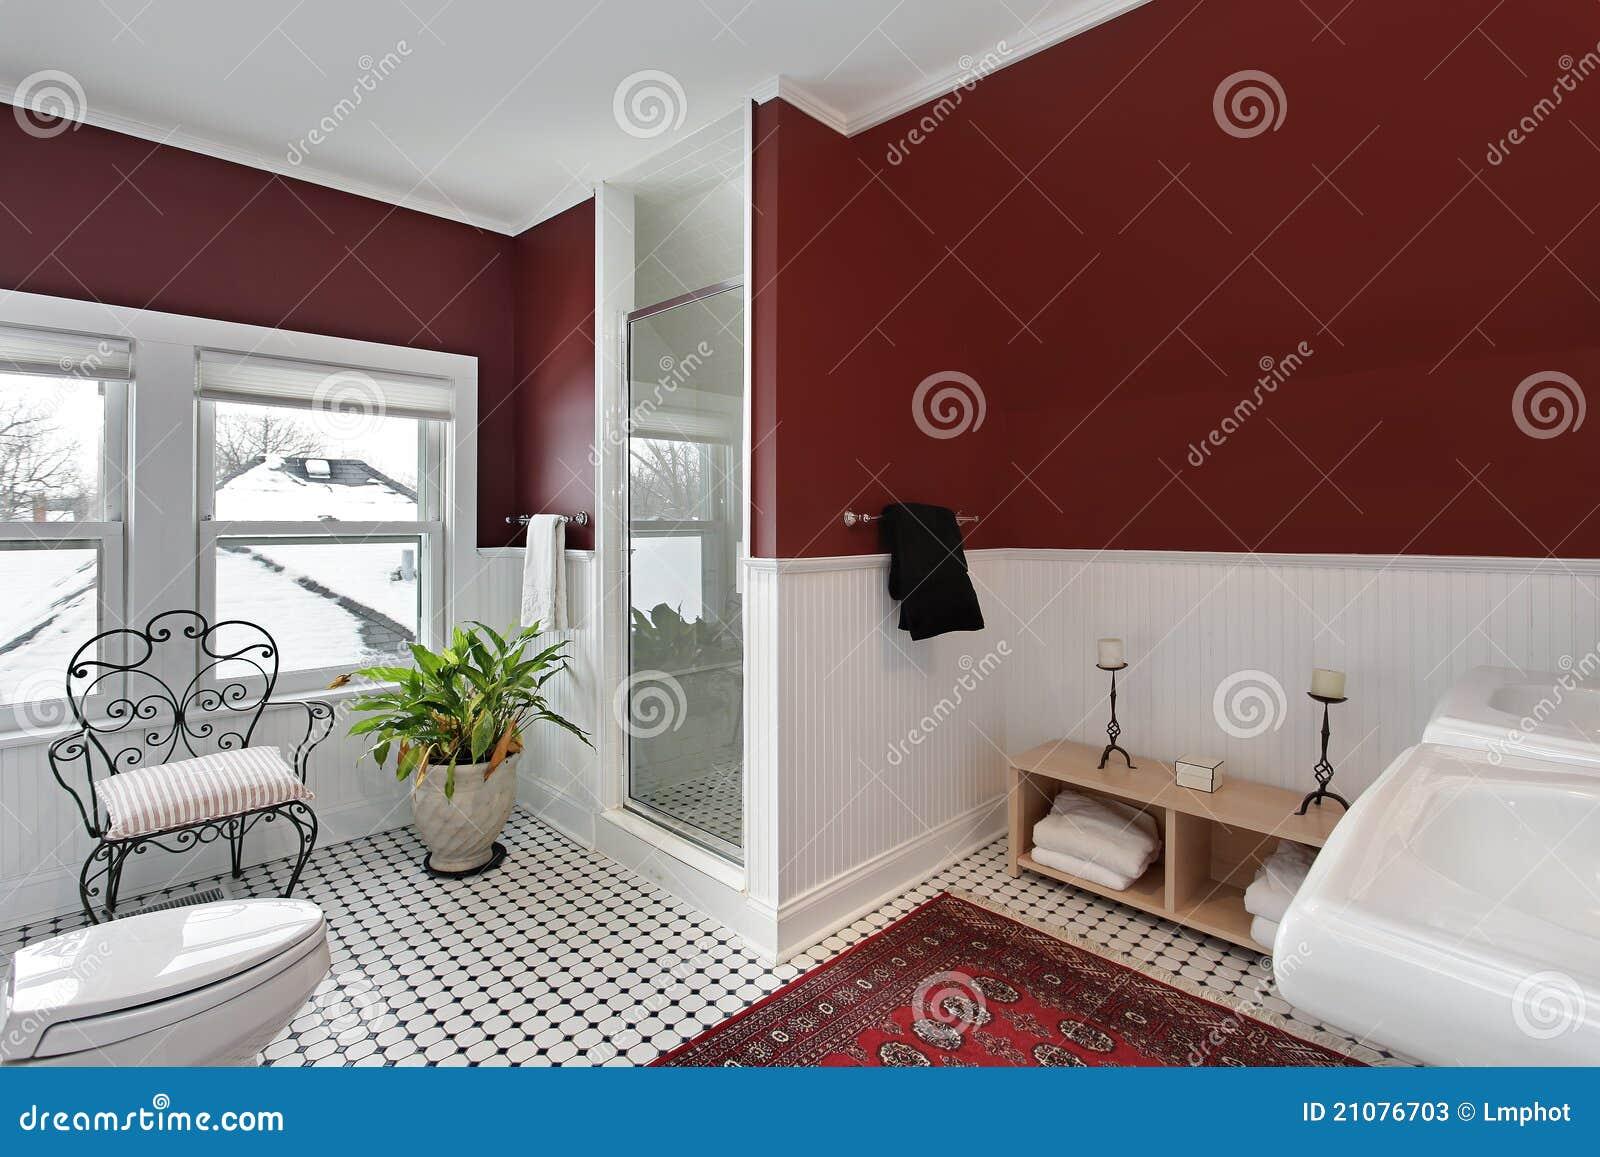 Stanza da bagno con le pareti rosse immagine stock - Stanza da bagno ...